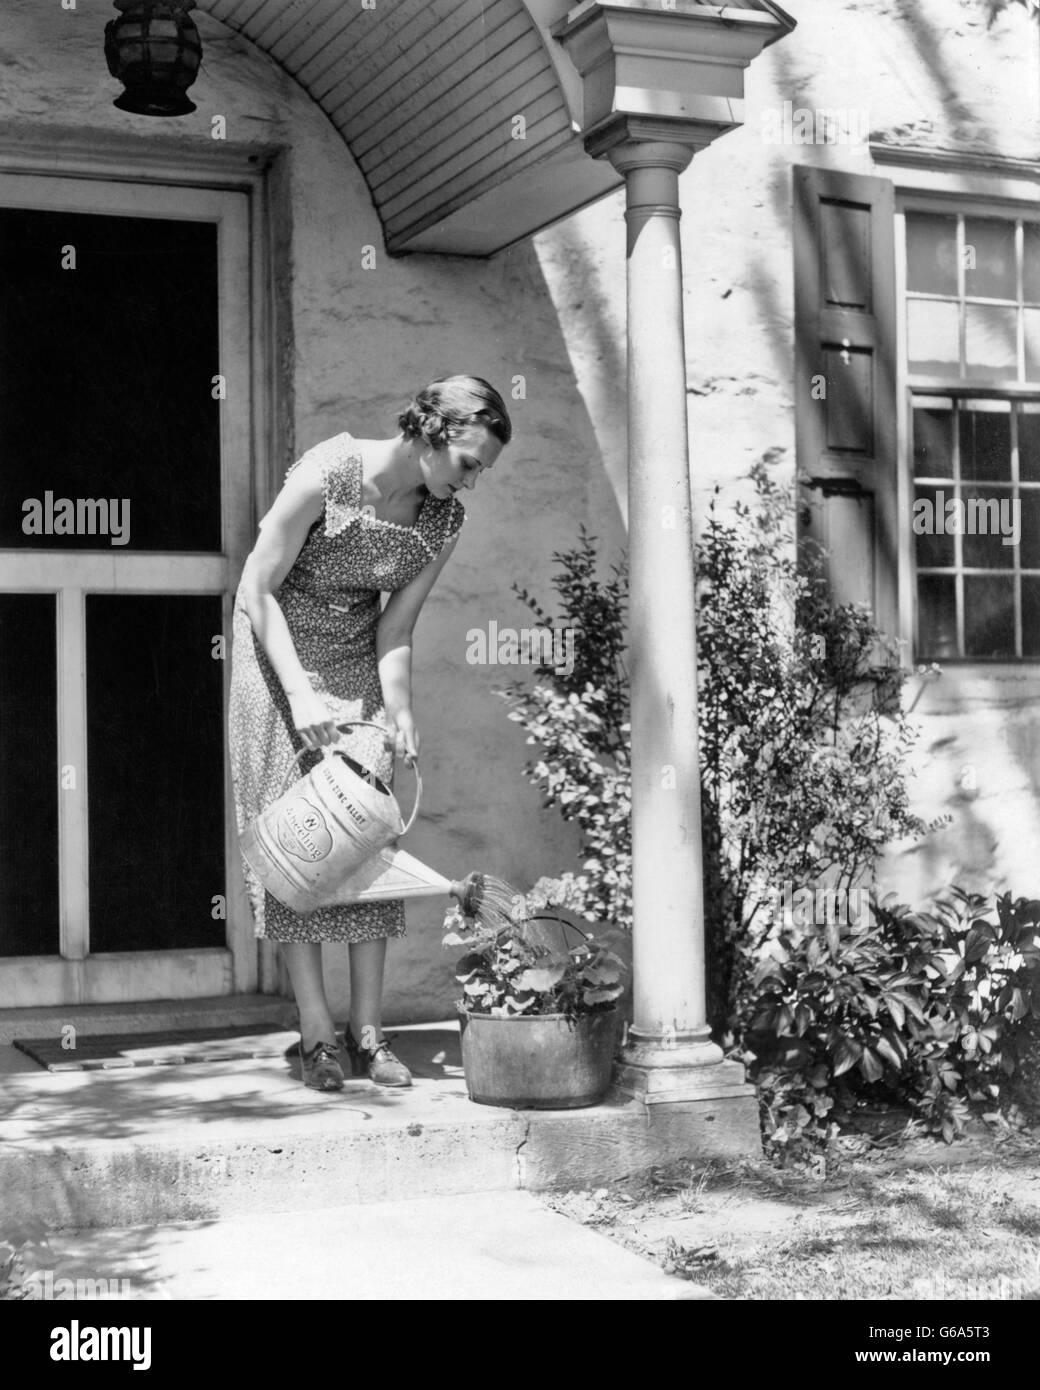 1930ER JAHREN FRAU PRINT KLEID BEWÄSSERUNG TOPFPFLANZE MIT GIEßKANNE AUF VORDEREN STOOP DES HAUSES Stockbild